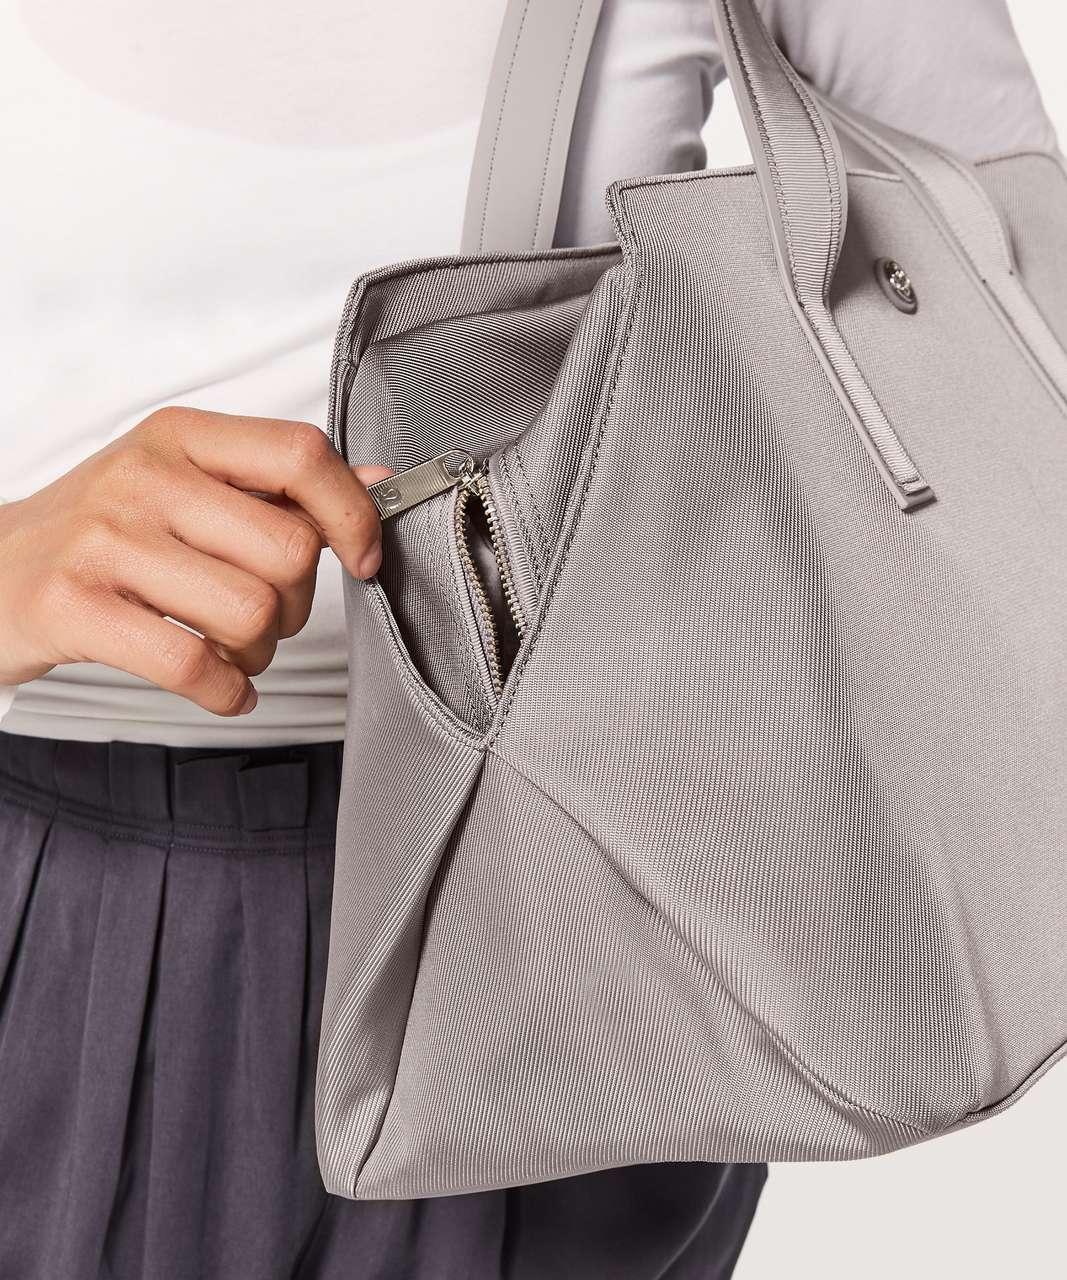 Lululemon Go Getter Bag *Heatproof Pocket 26L - Dark Chrome (First Release)